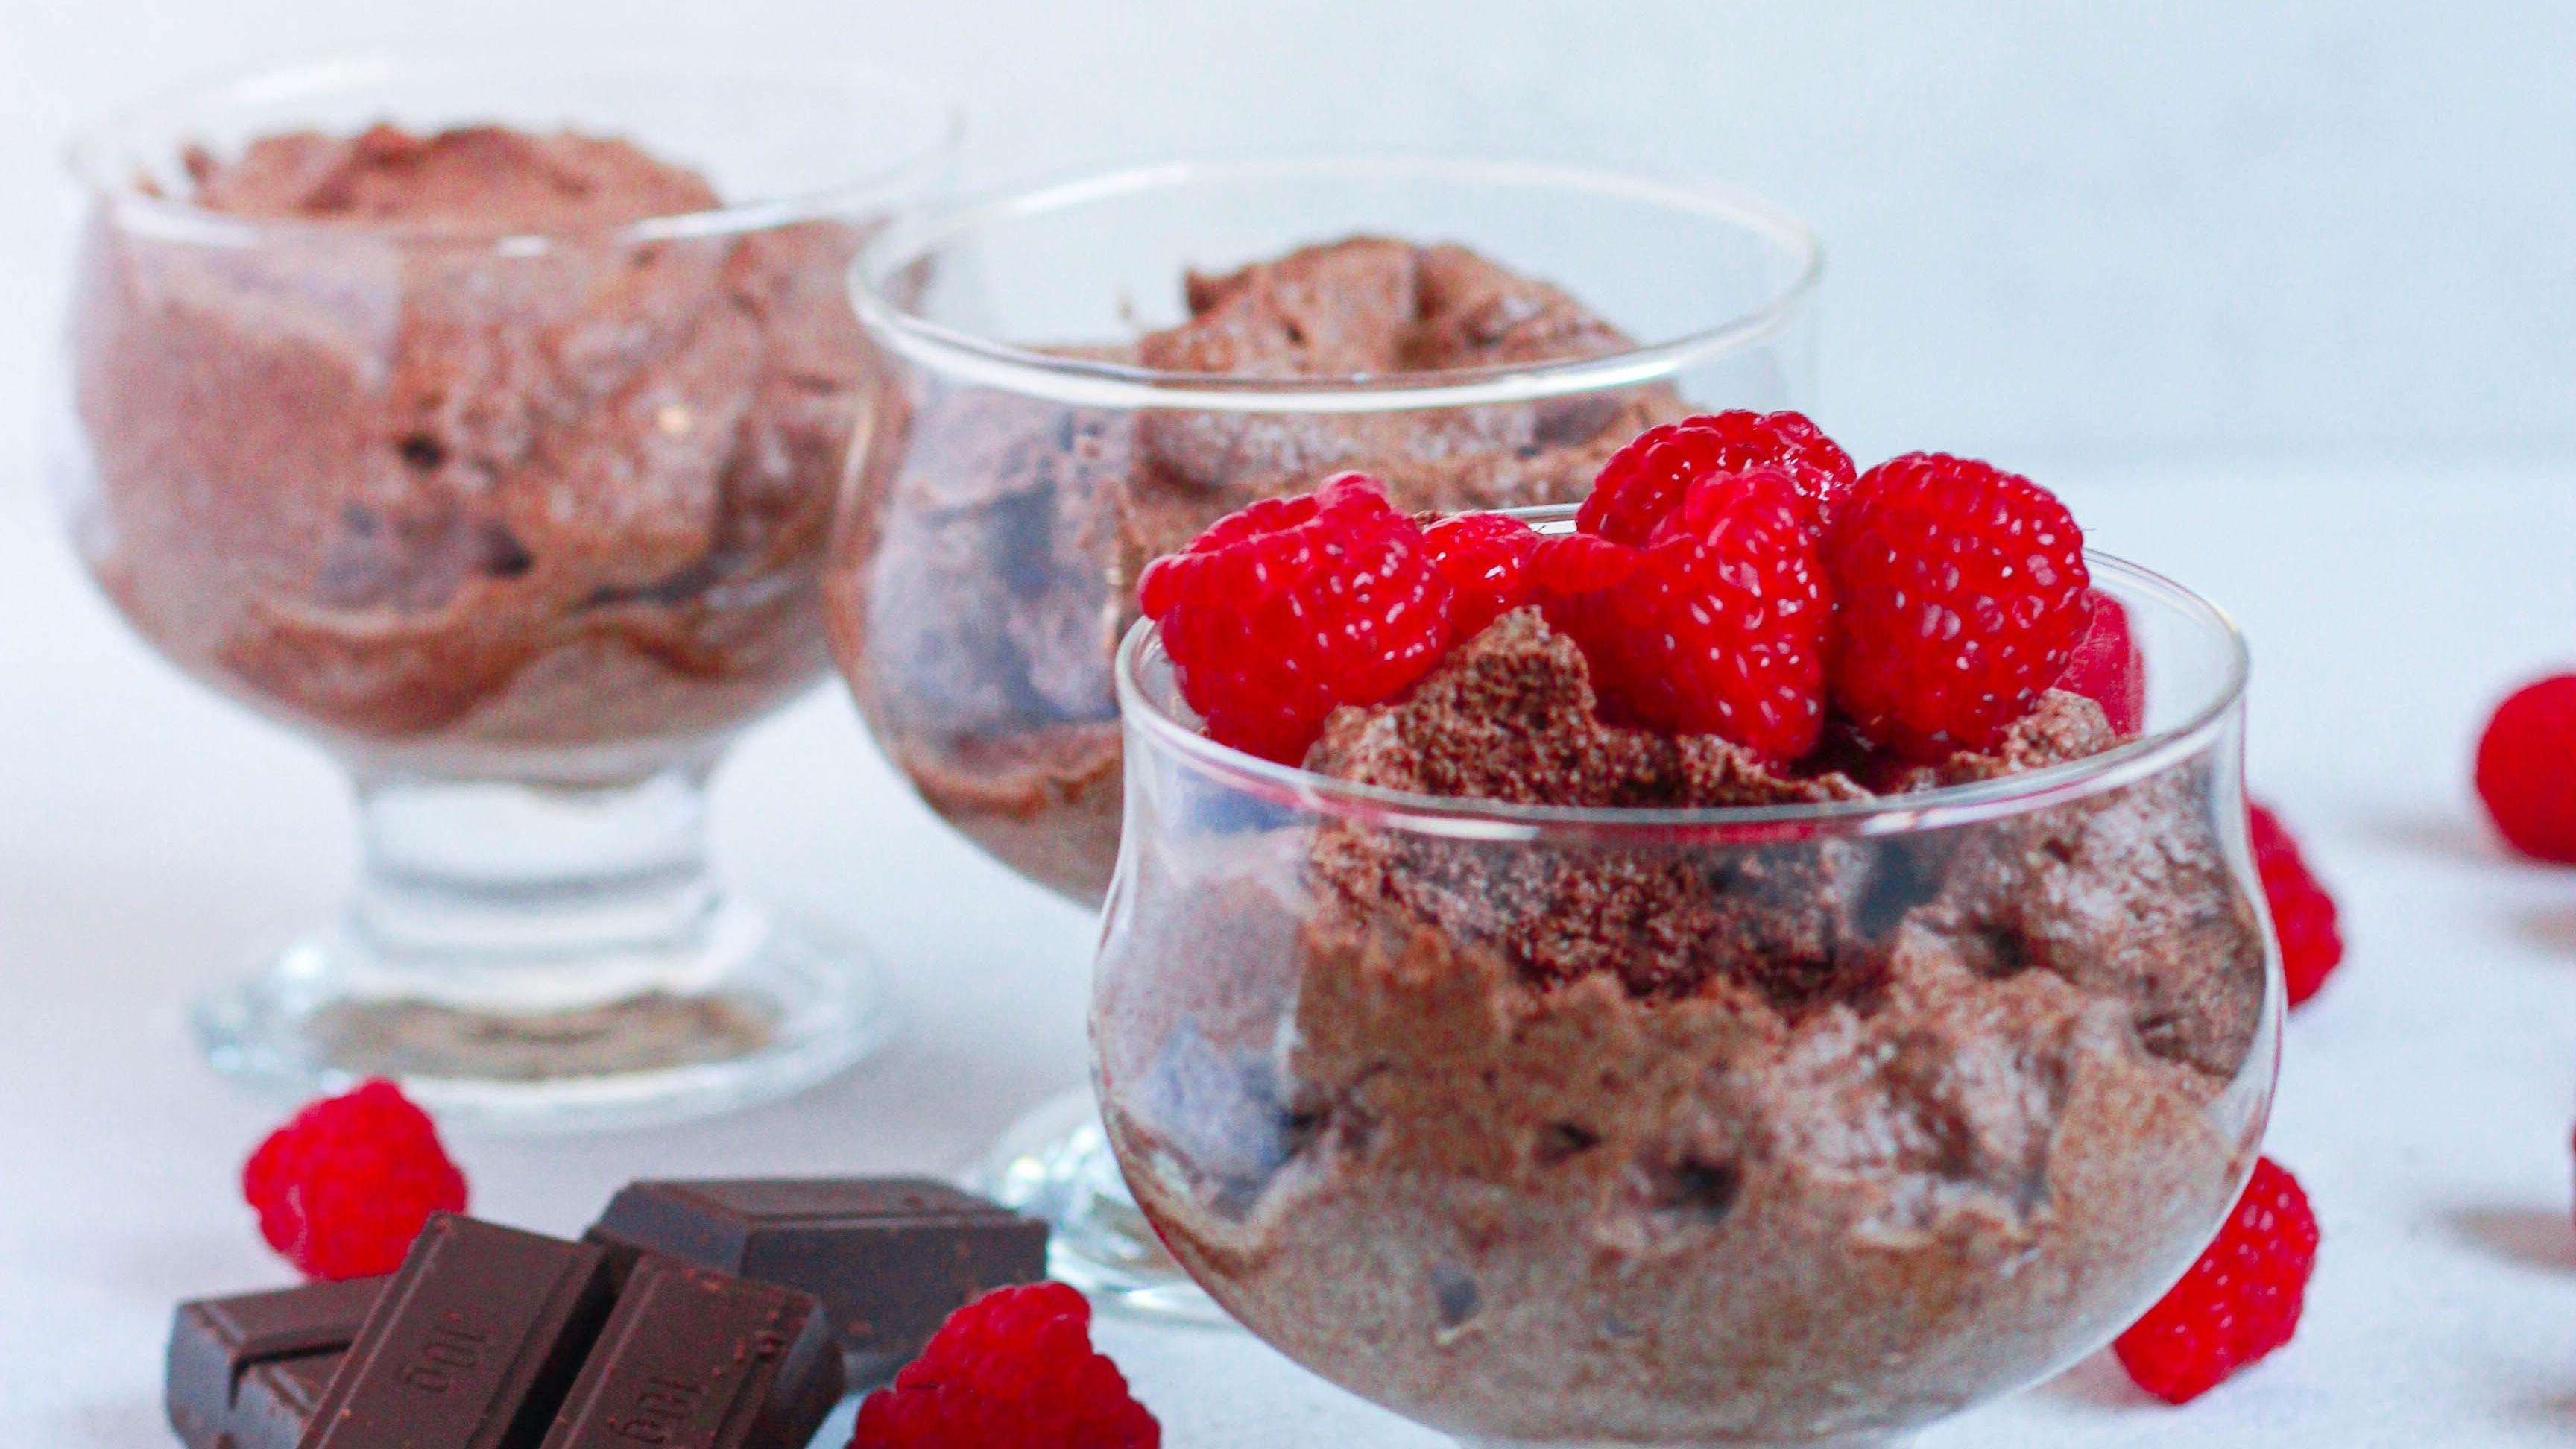 Veganes Mousse au Chocolat - Wir verraten Ihnen 2 leckere Rezepte